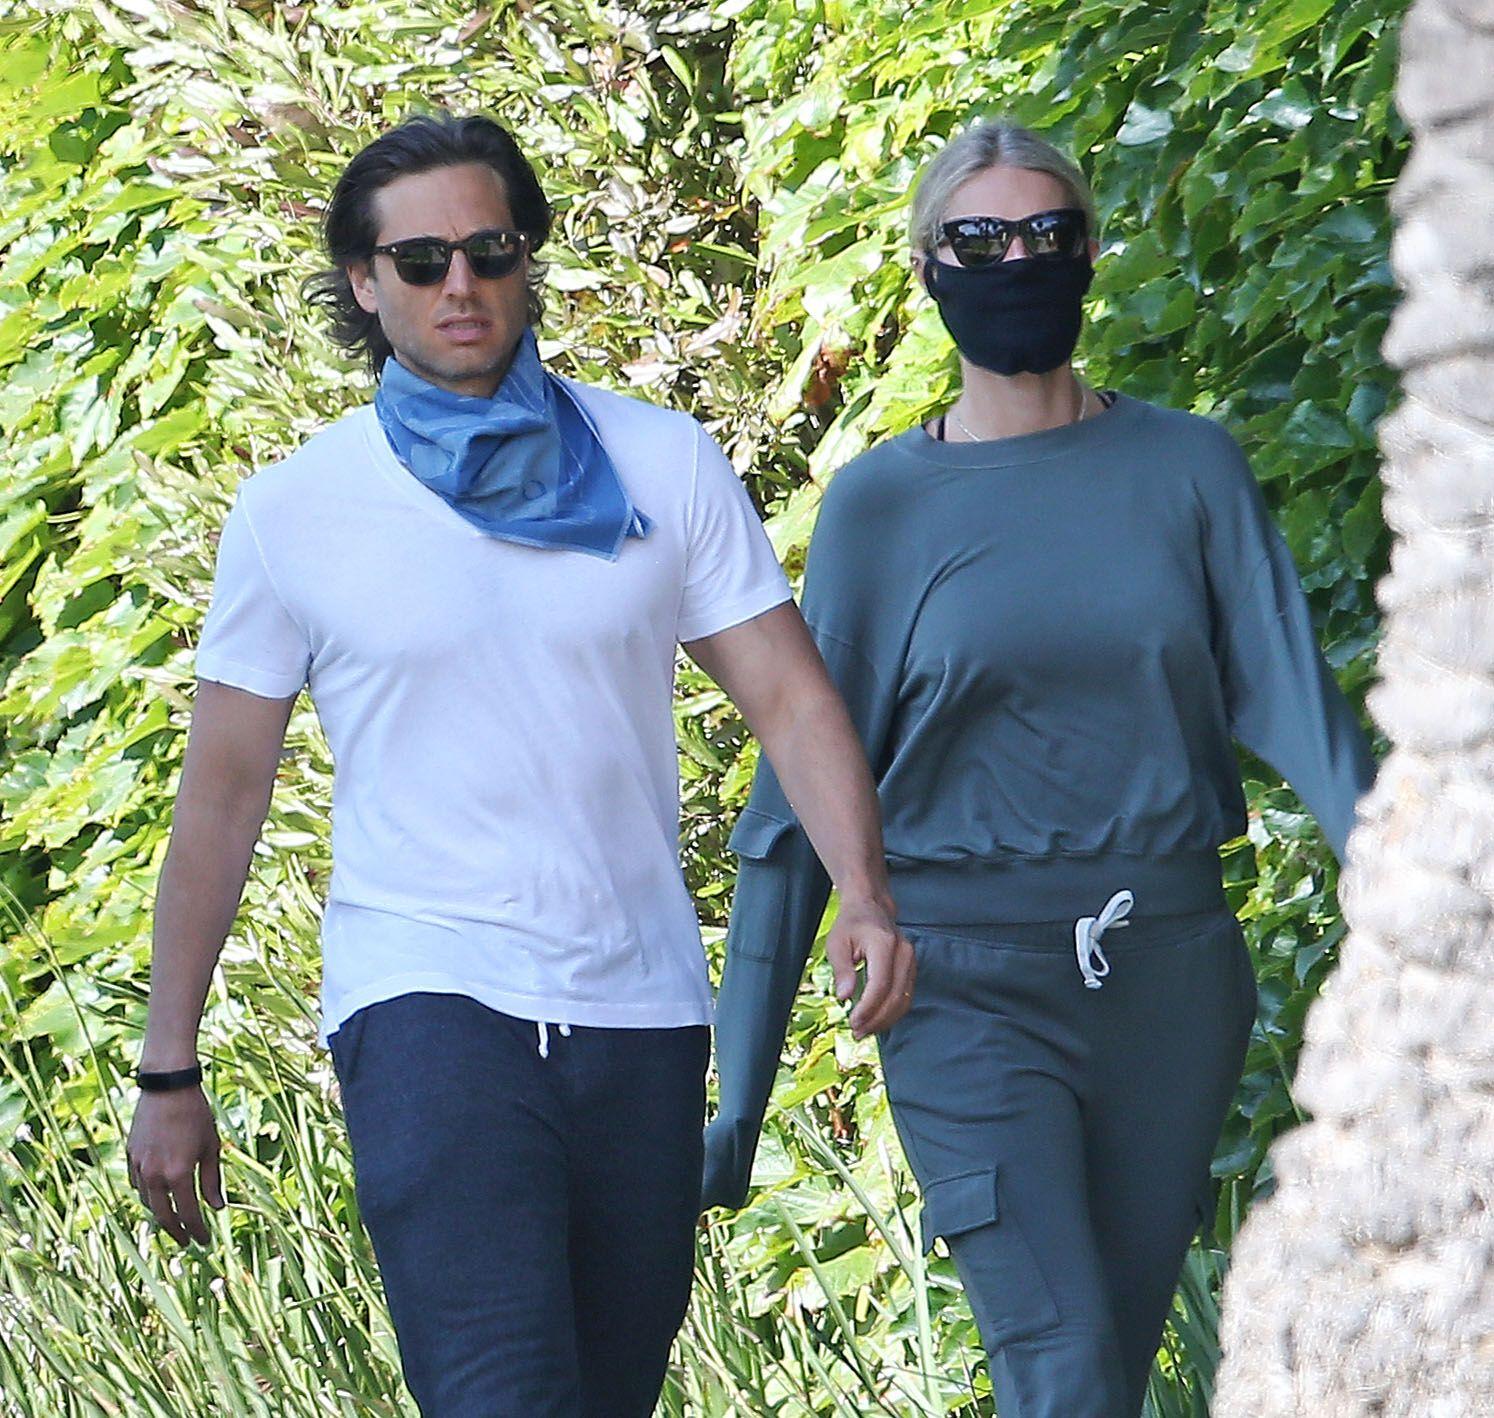 Gwyneth Paltrow and Brad Falchuk